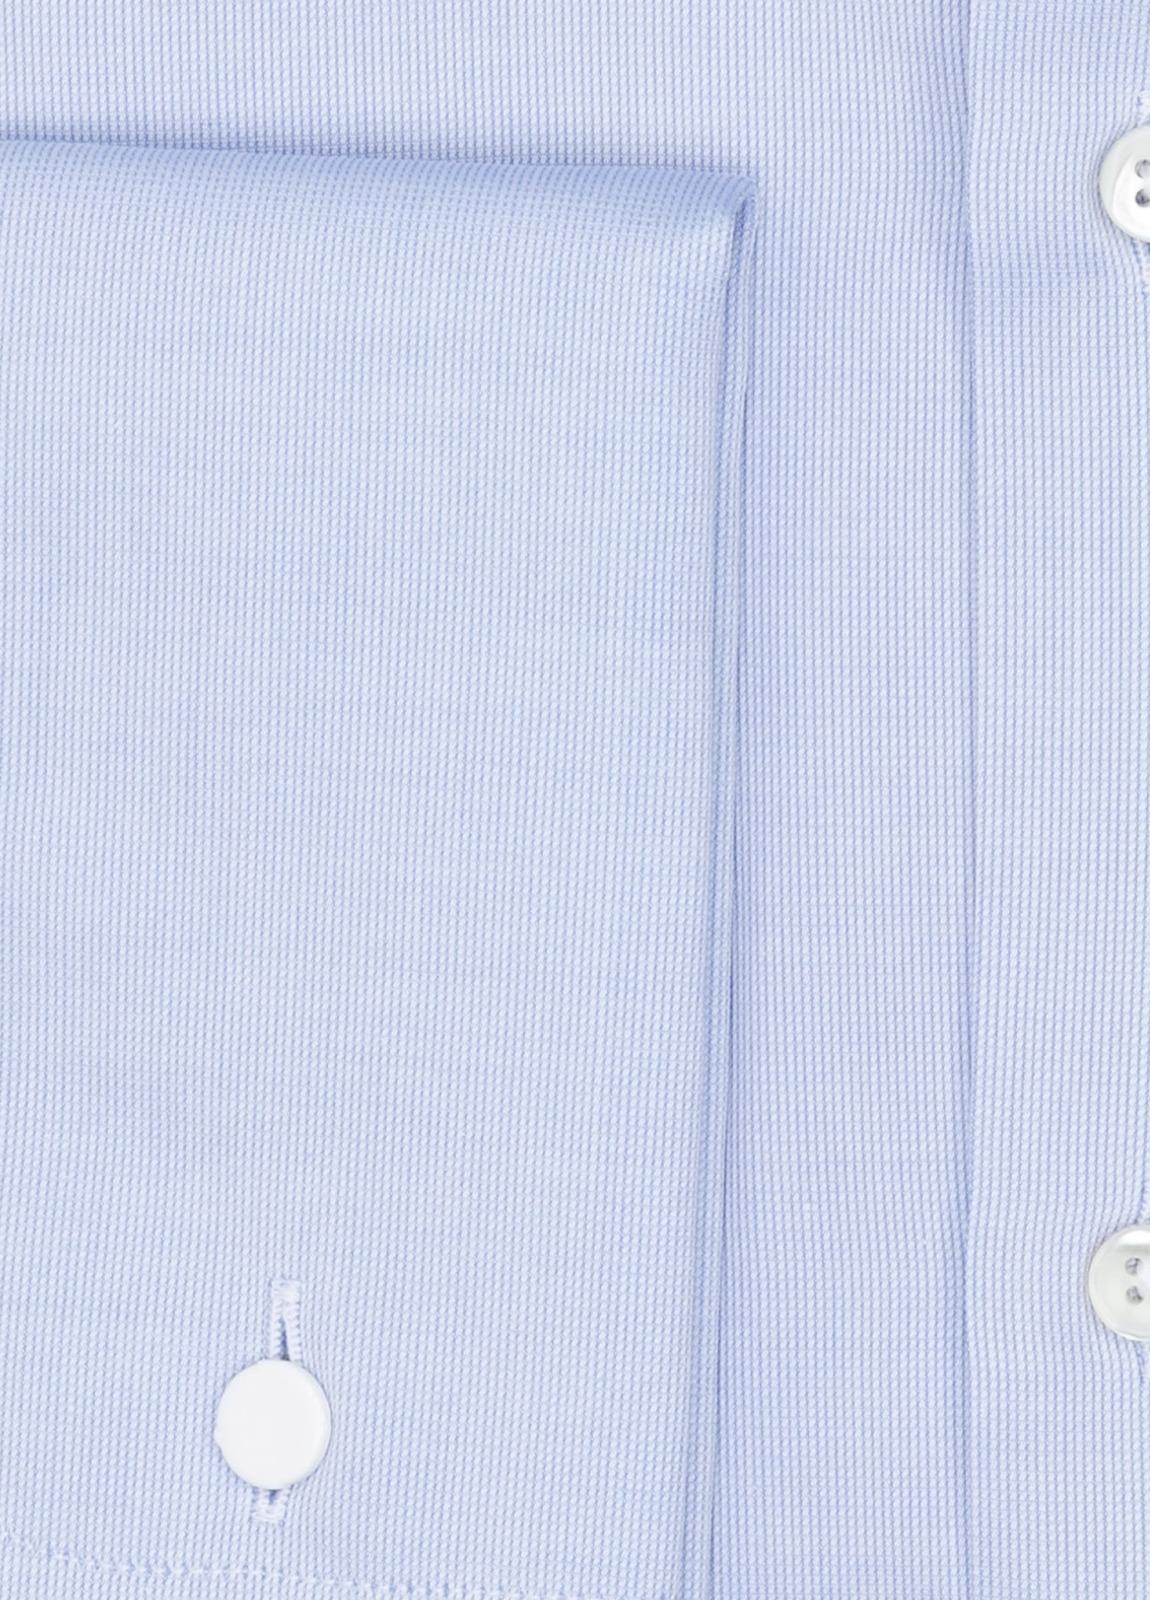 Camisa Formal Wear REGULAR FIT cuello Italiano y puño doble modelo TAILORED NAPOLI Tejido micro grabado color azul, 100% Algodón. - Ítem2